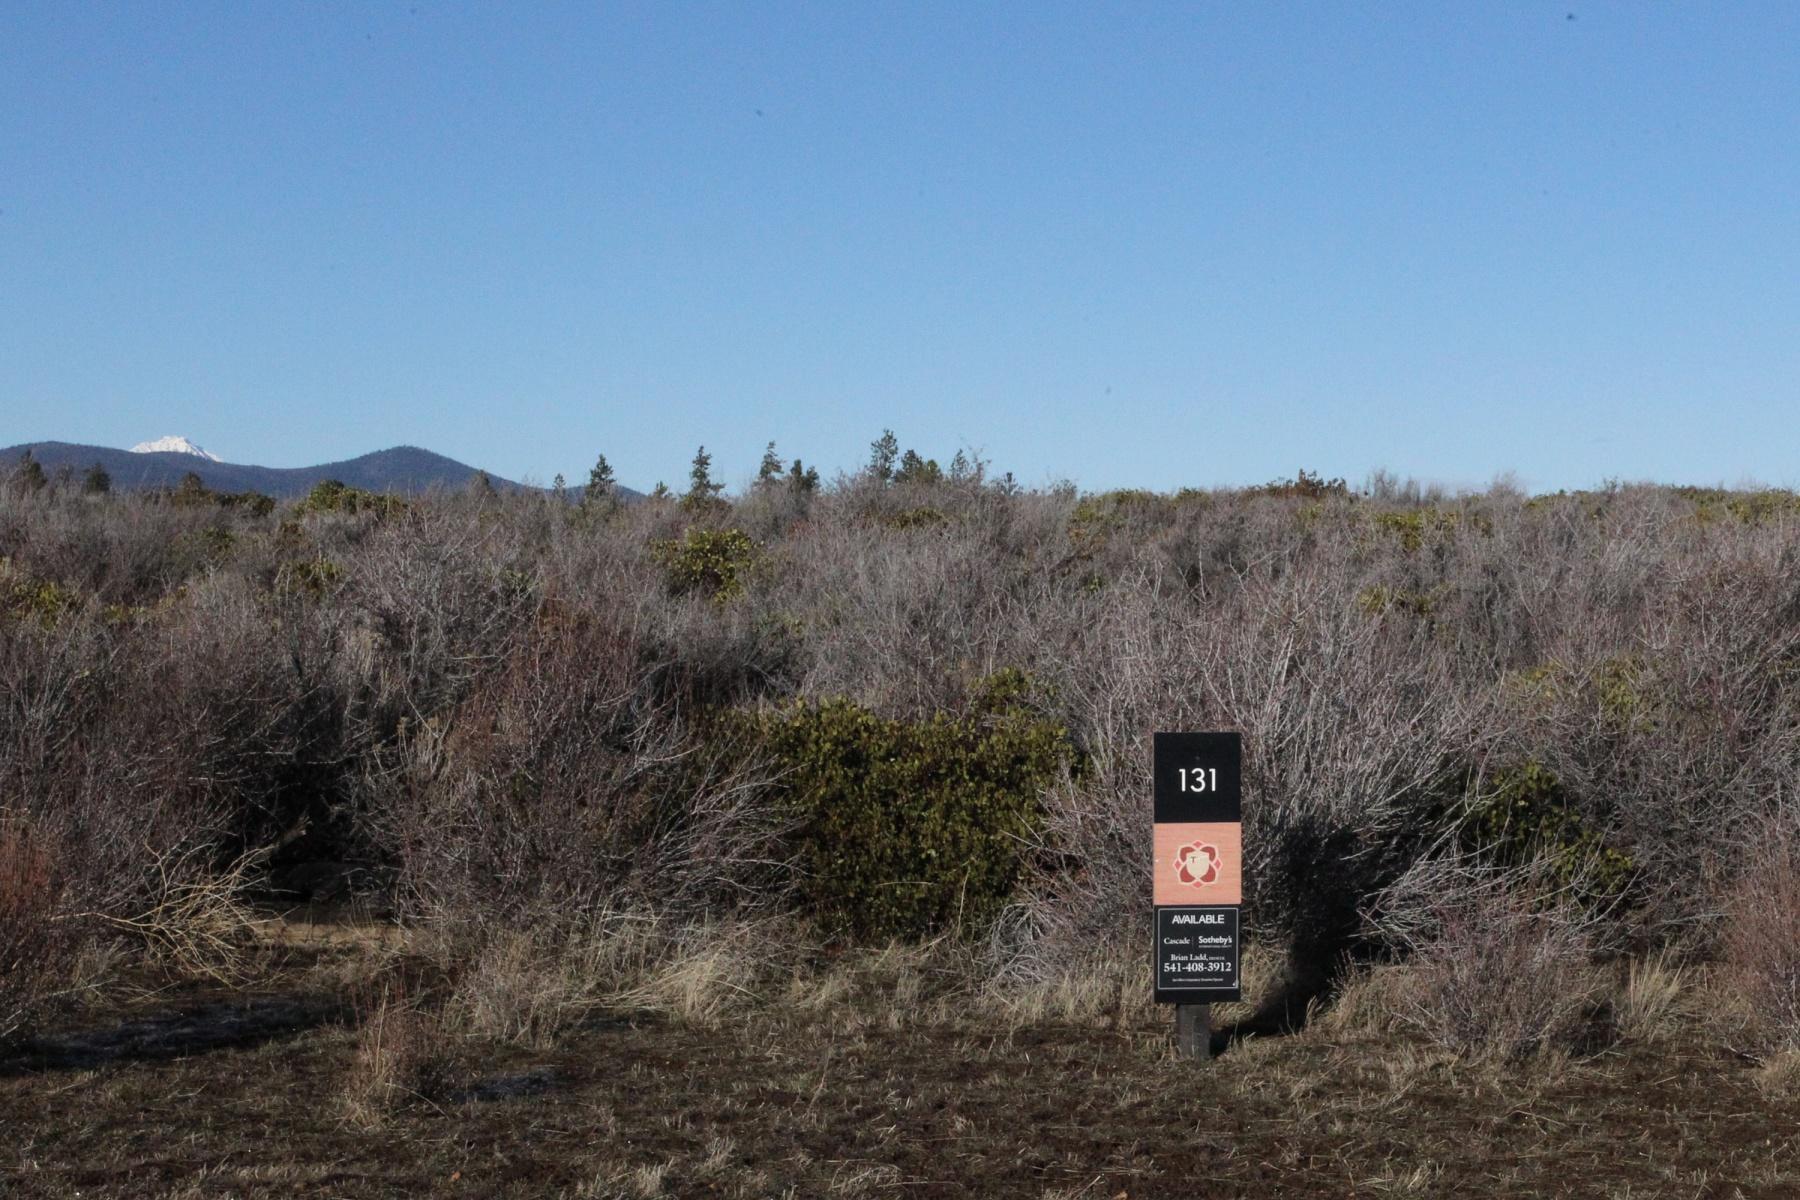 Terrain pour l Vente à Tetherow 61391 Skene Trl Lot 131 Bend, Oregon, 97702 États-Unis